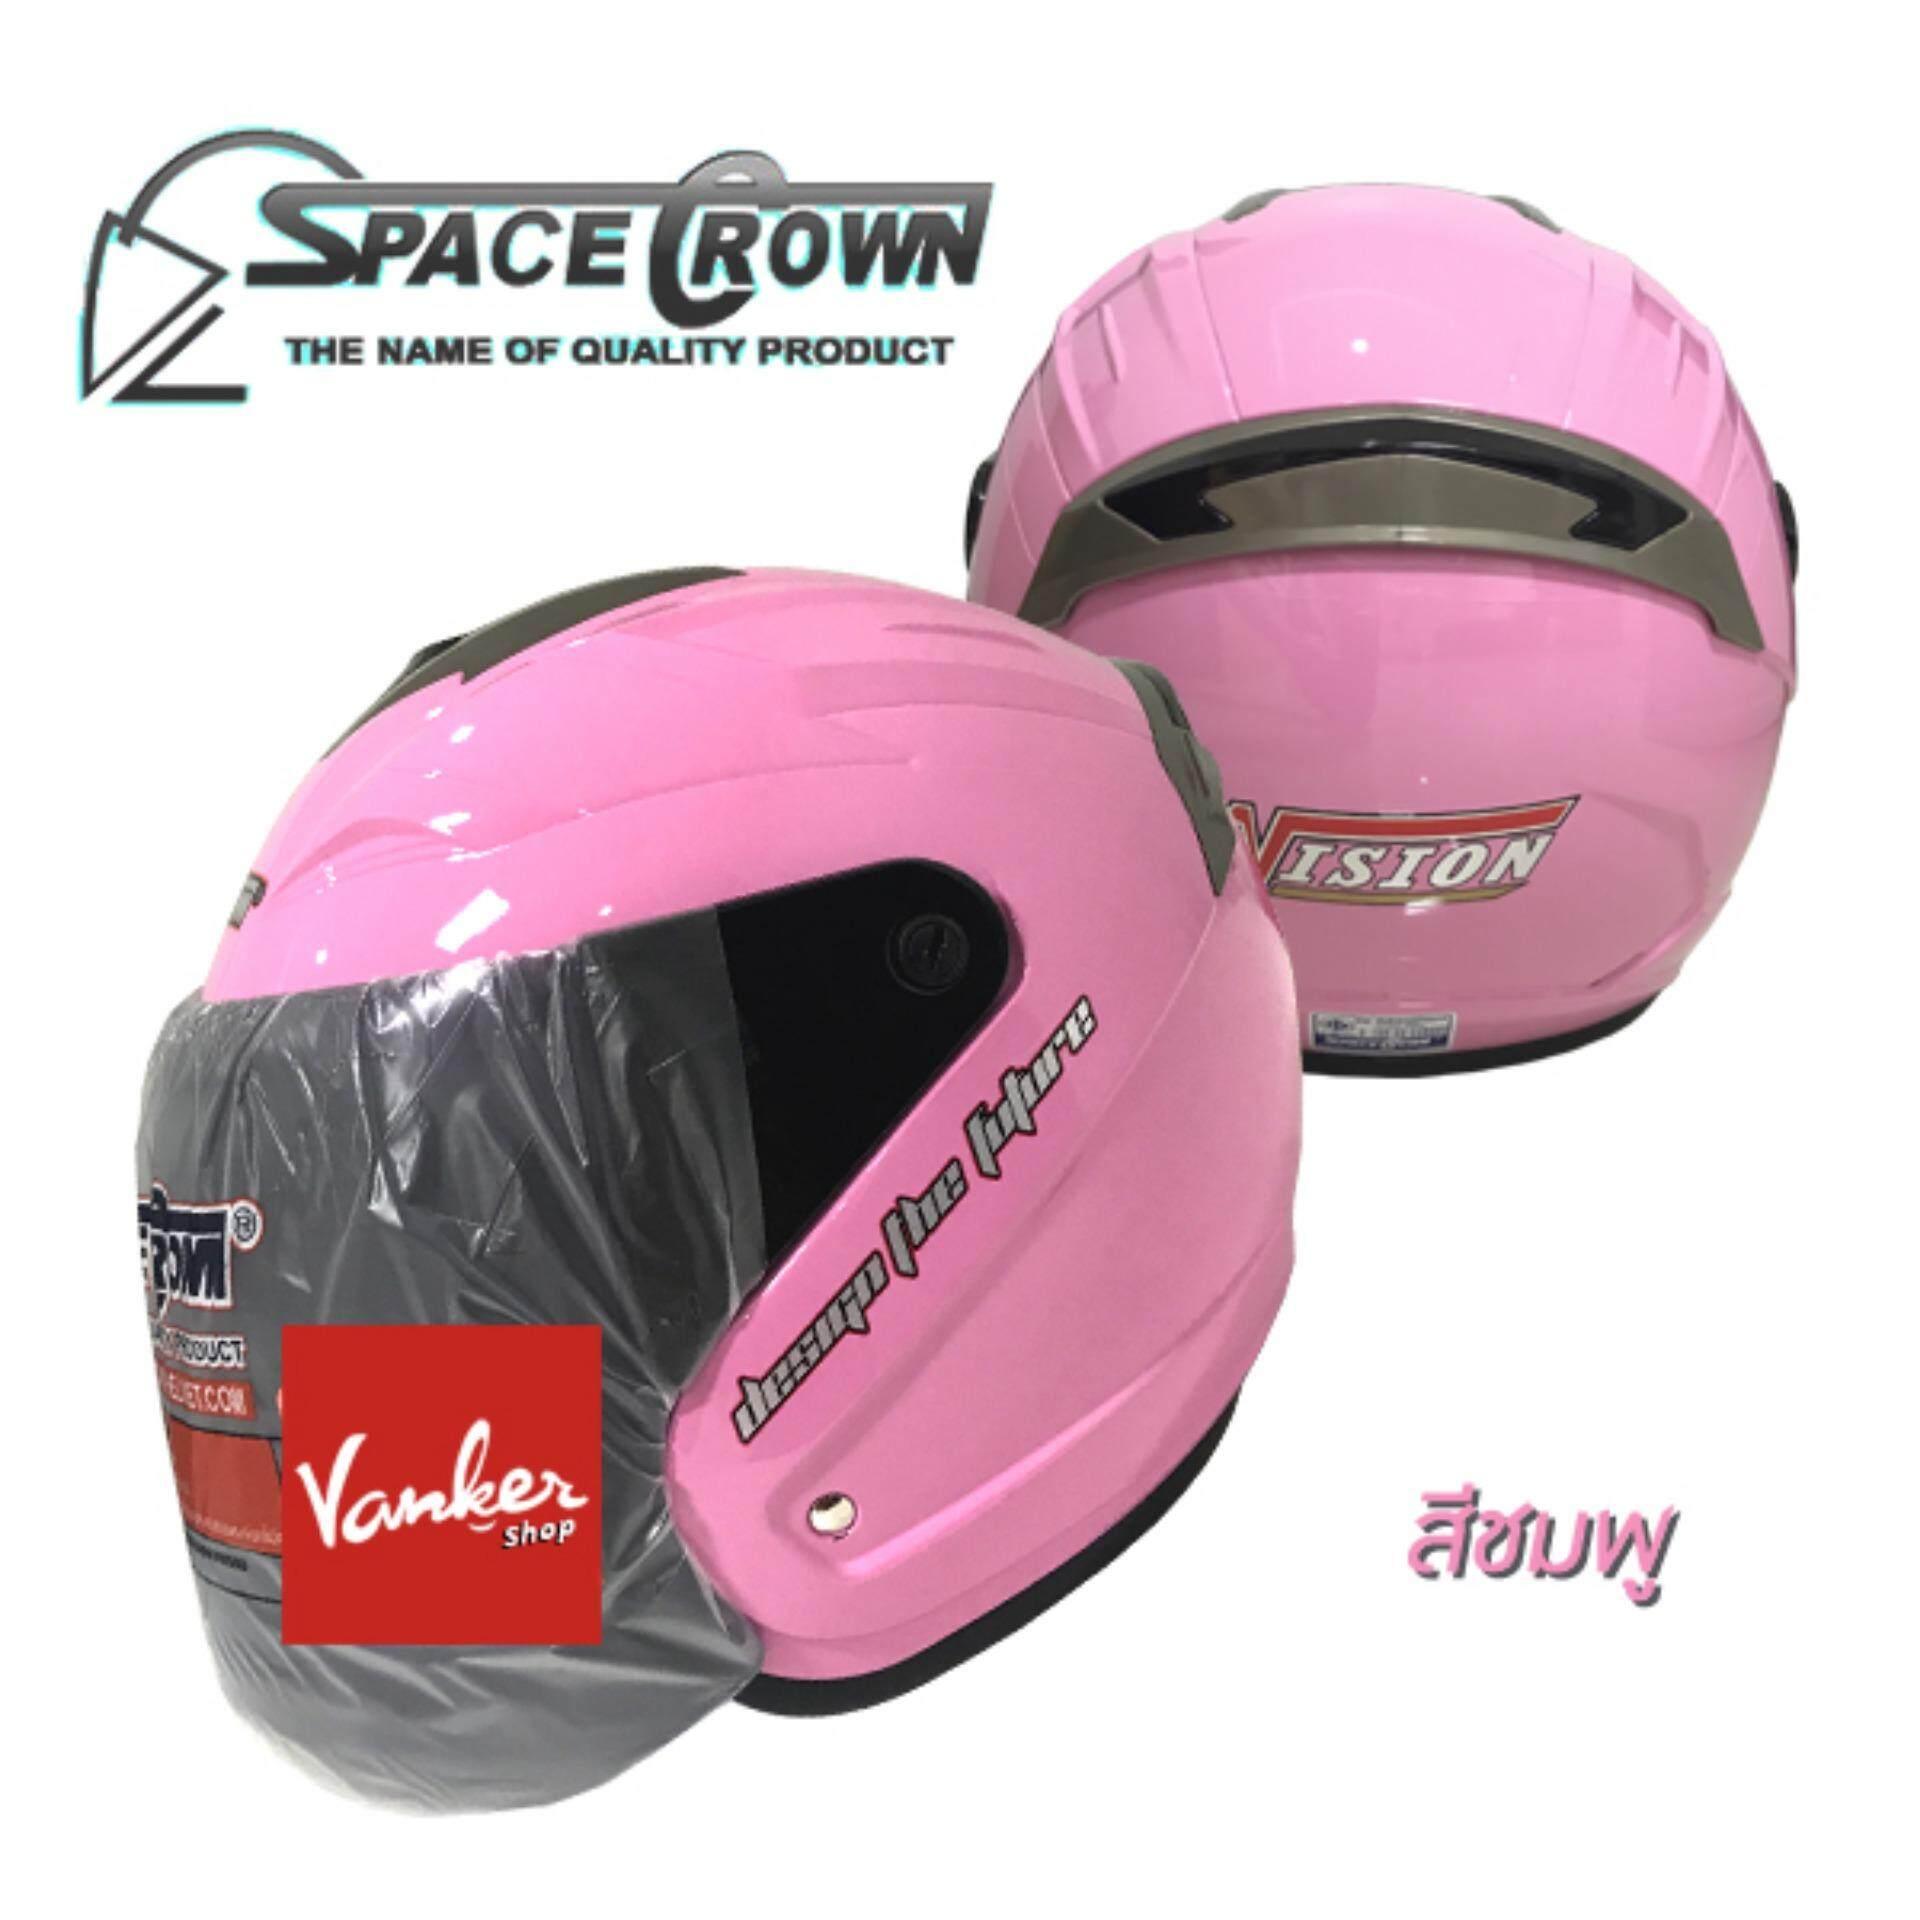 ราคา Space Crown หมวกกันน็อค รุ่น Vision สีชมพู ไทย